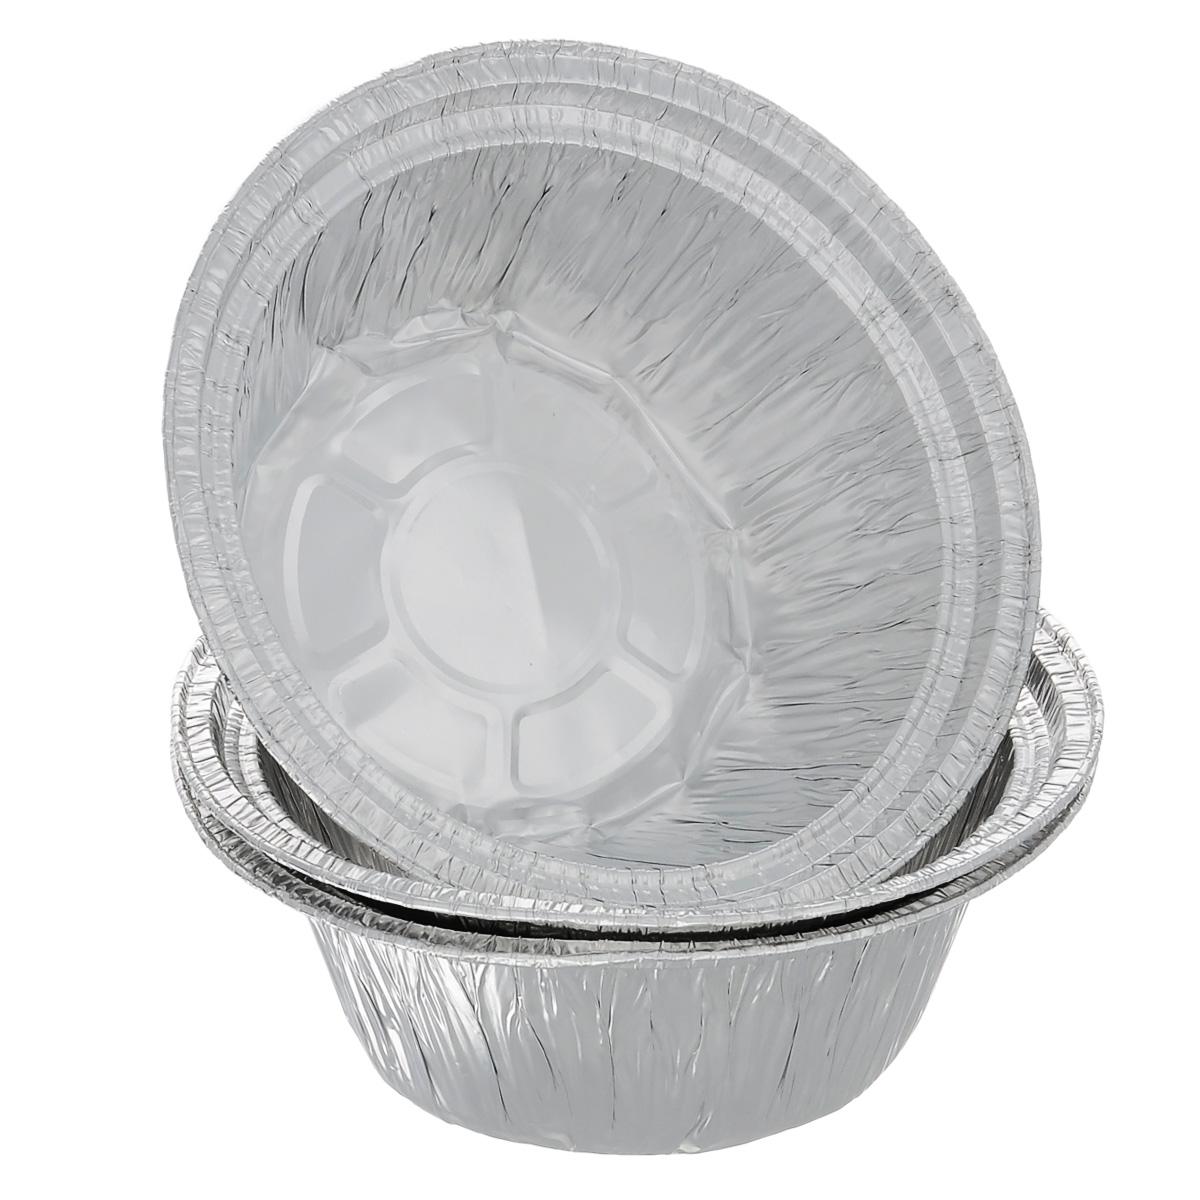 Набор форм для запекания Home Queen, диаметр 18,5 см, 3 шт57224Набор Home Queen, выполненный из алюминиевой фольги идеально подходит для кексов, пирогов. Форма обладает всеми свойствами обычной фольги для запекания: гигиеничная, легкая, прочная, теплопроводная. Также формы можно использовать для запекания, для хранения и заморозки продуктов. Диаметр формы: 18,5 см. Высота формы: 7 см. Количество форм: 3 шт.